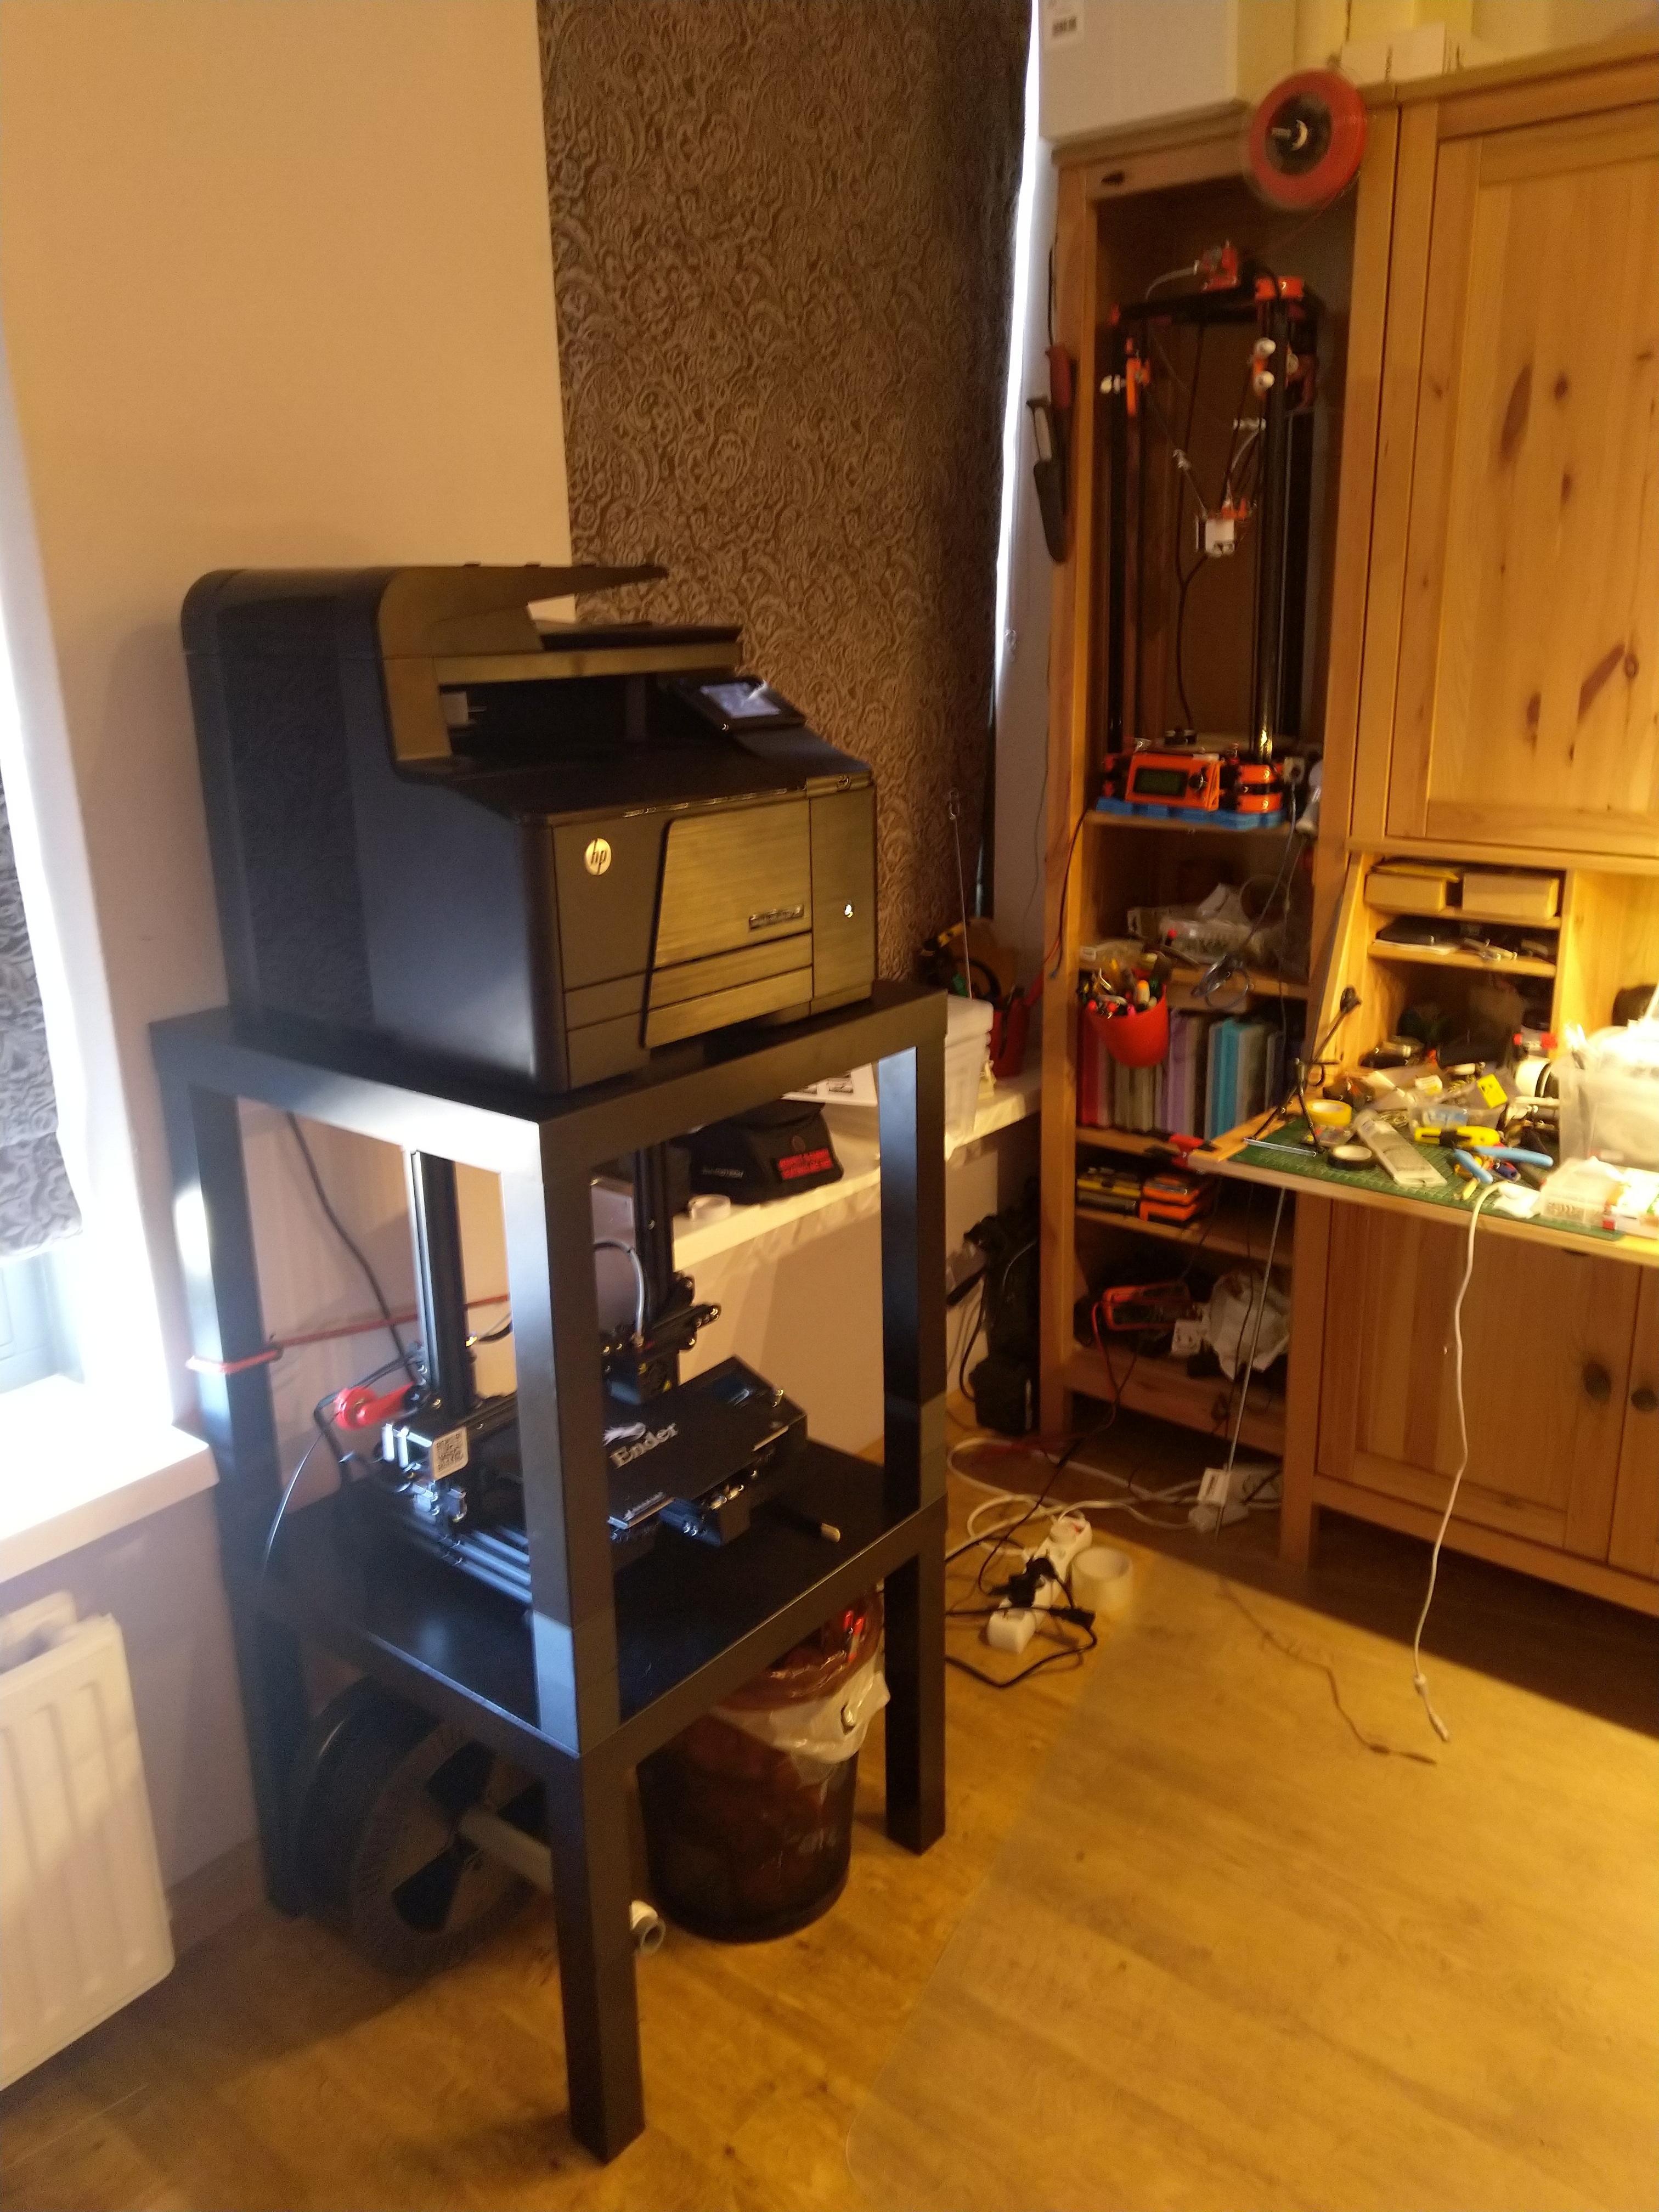 190513-IMG_20190513_173224.jpg Télécharger fichier STL gratuit Ikea manque de boîtier d'imprimante 3D • Plan pour impression 3D, Milan_Gajic